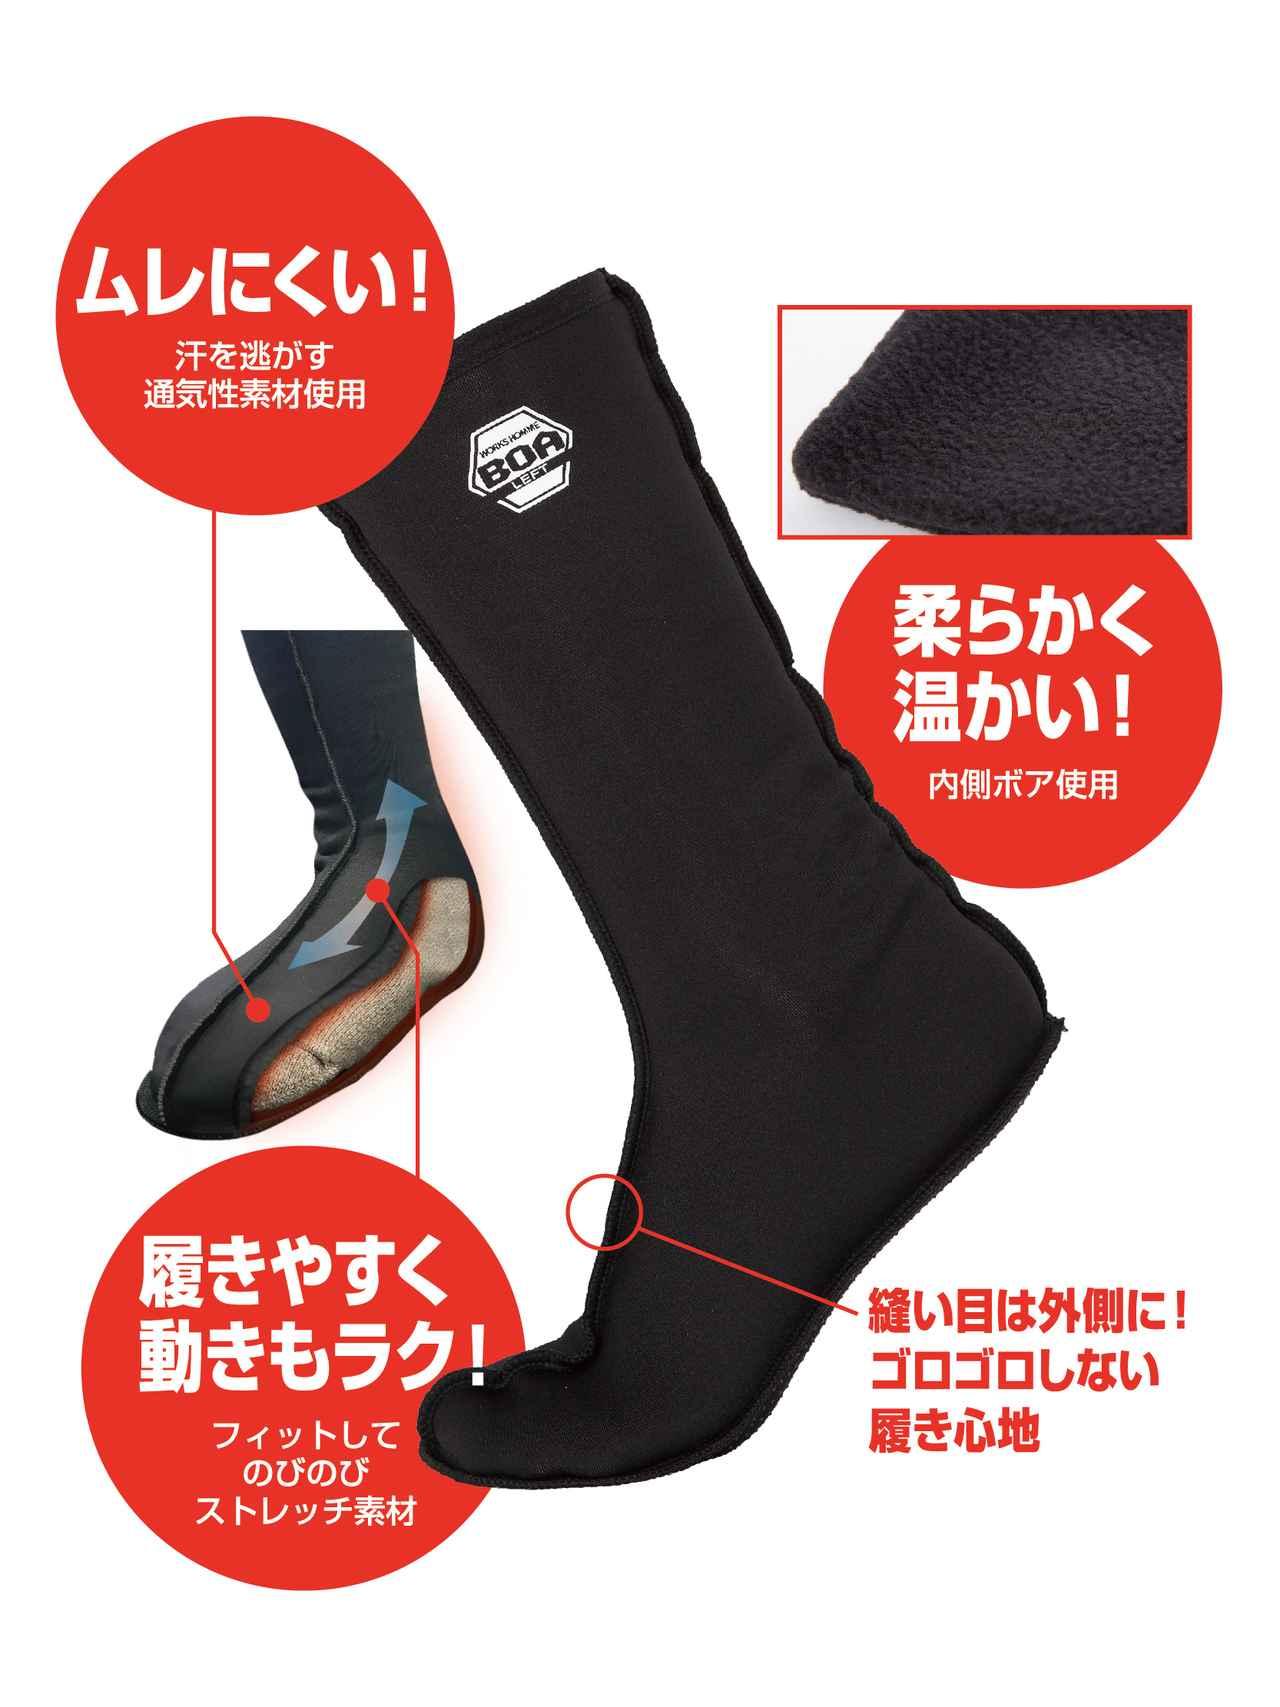 画像1: 足元の冷えは、身体の動きを固くする!